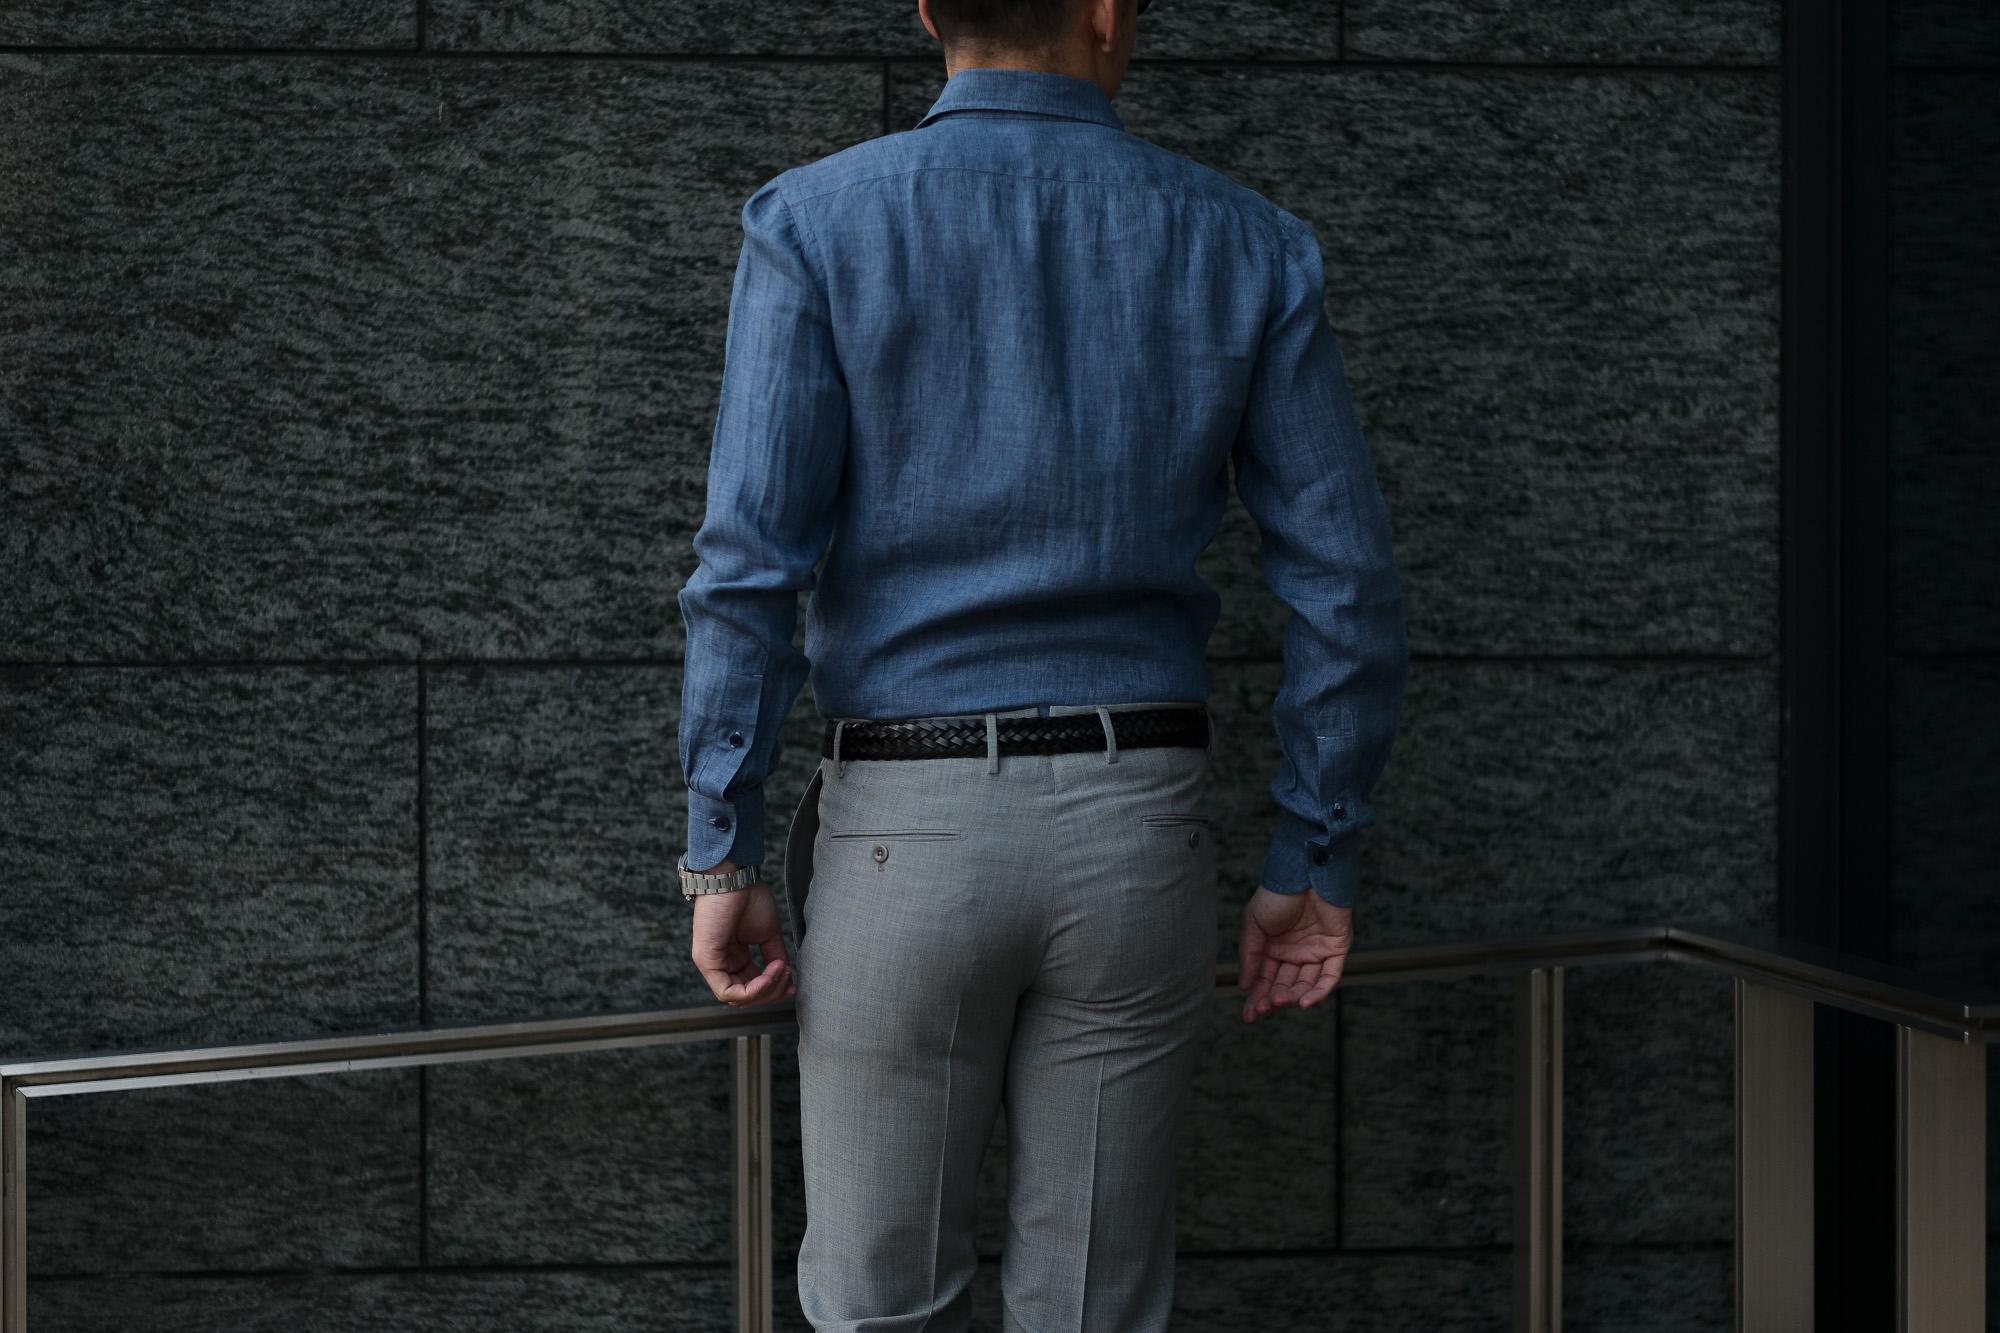 AVINO Laboratorio Napoletano(アヴィーノ・ラボラトリオ・ナポレターノ) Linen Dress Shirts (リネン ドレス シャツ) リネン100% ワイドカラー シャツ BLUE (ブルー) made in italy (イタリア製) 2020 春夏 【ご予約受付中】愛知 名古屋 altoediritto アルトエデリット リネンシャツ